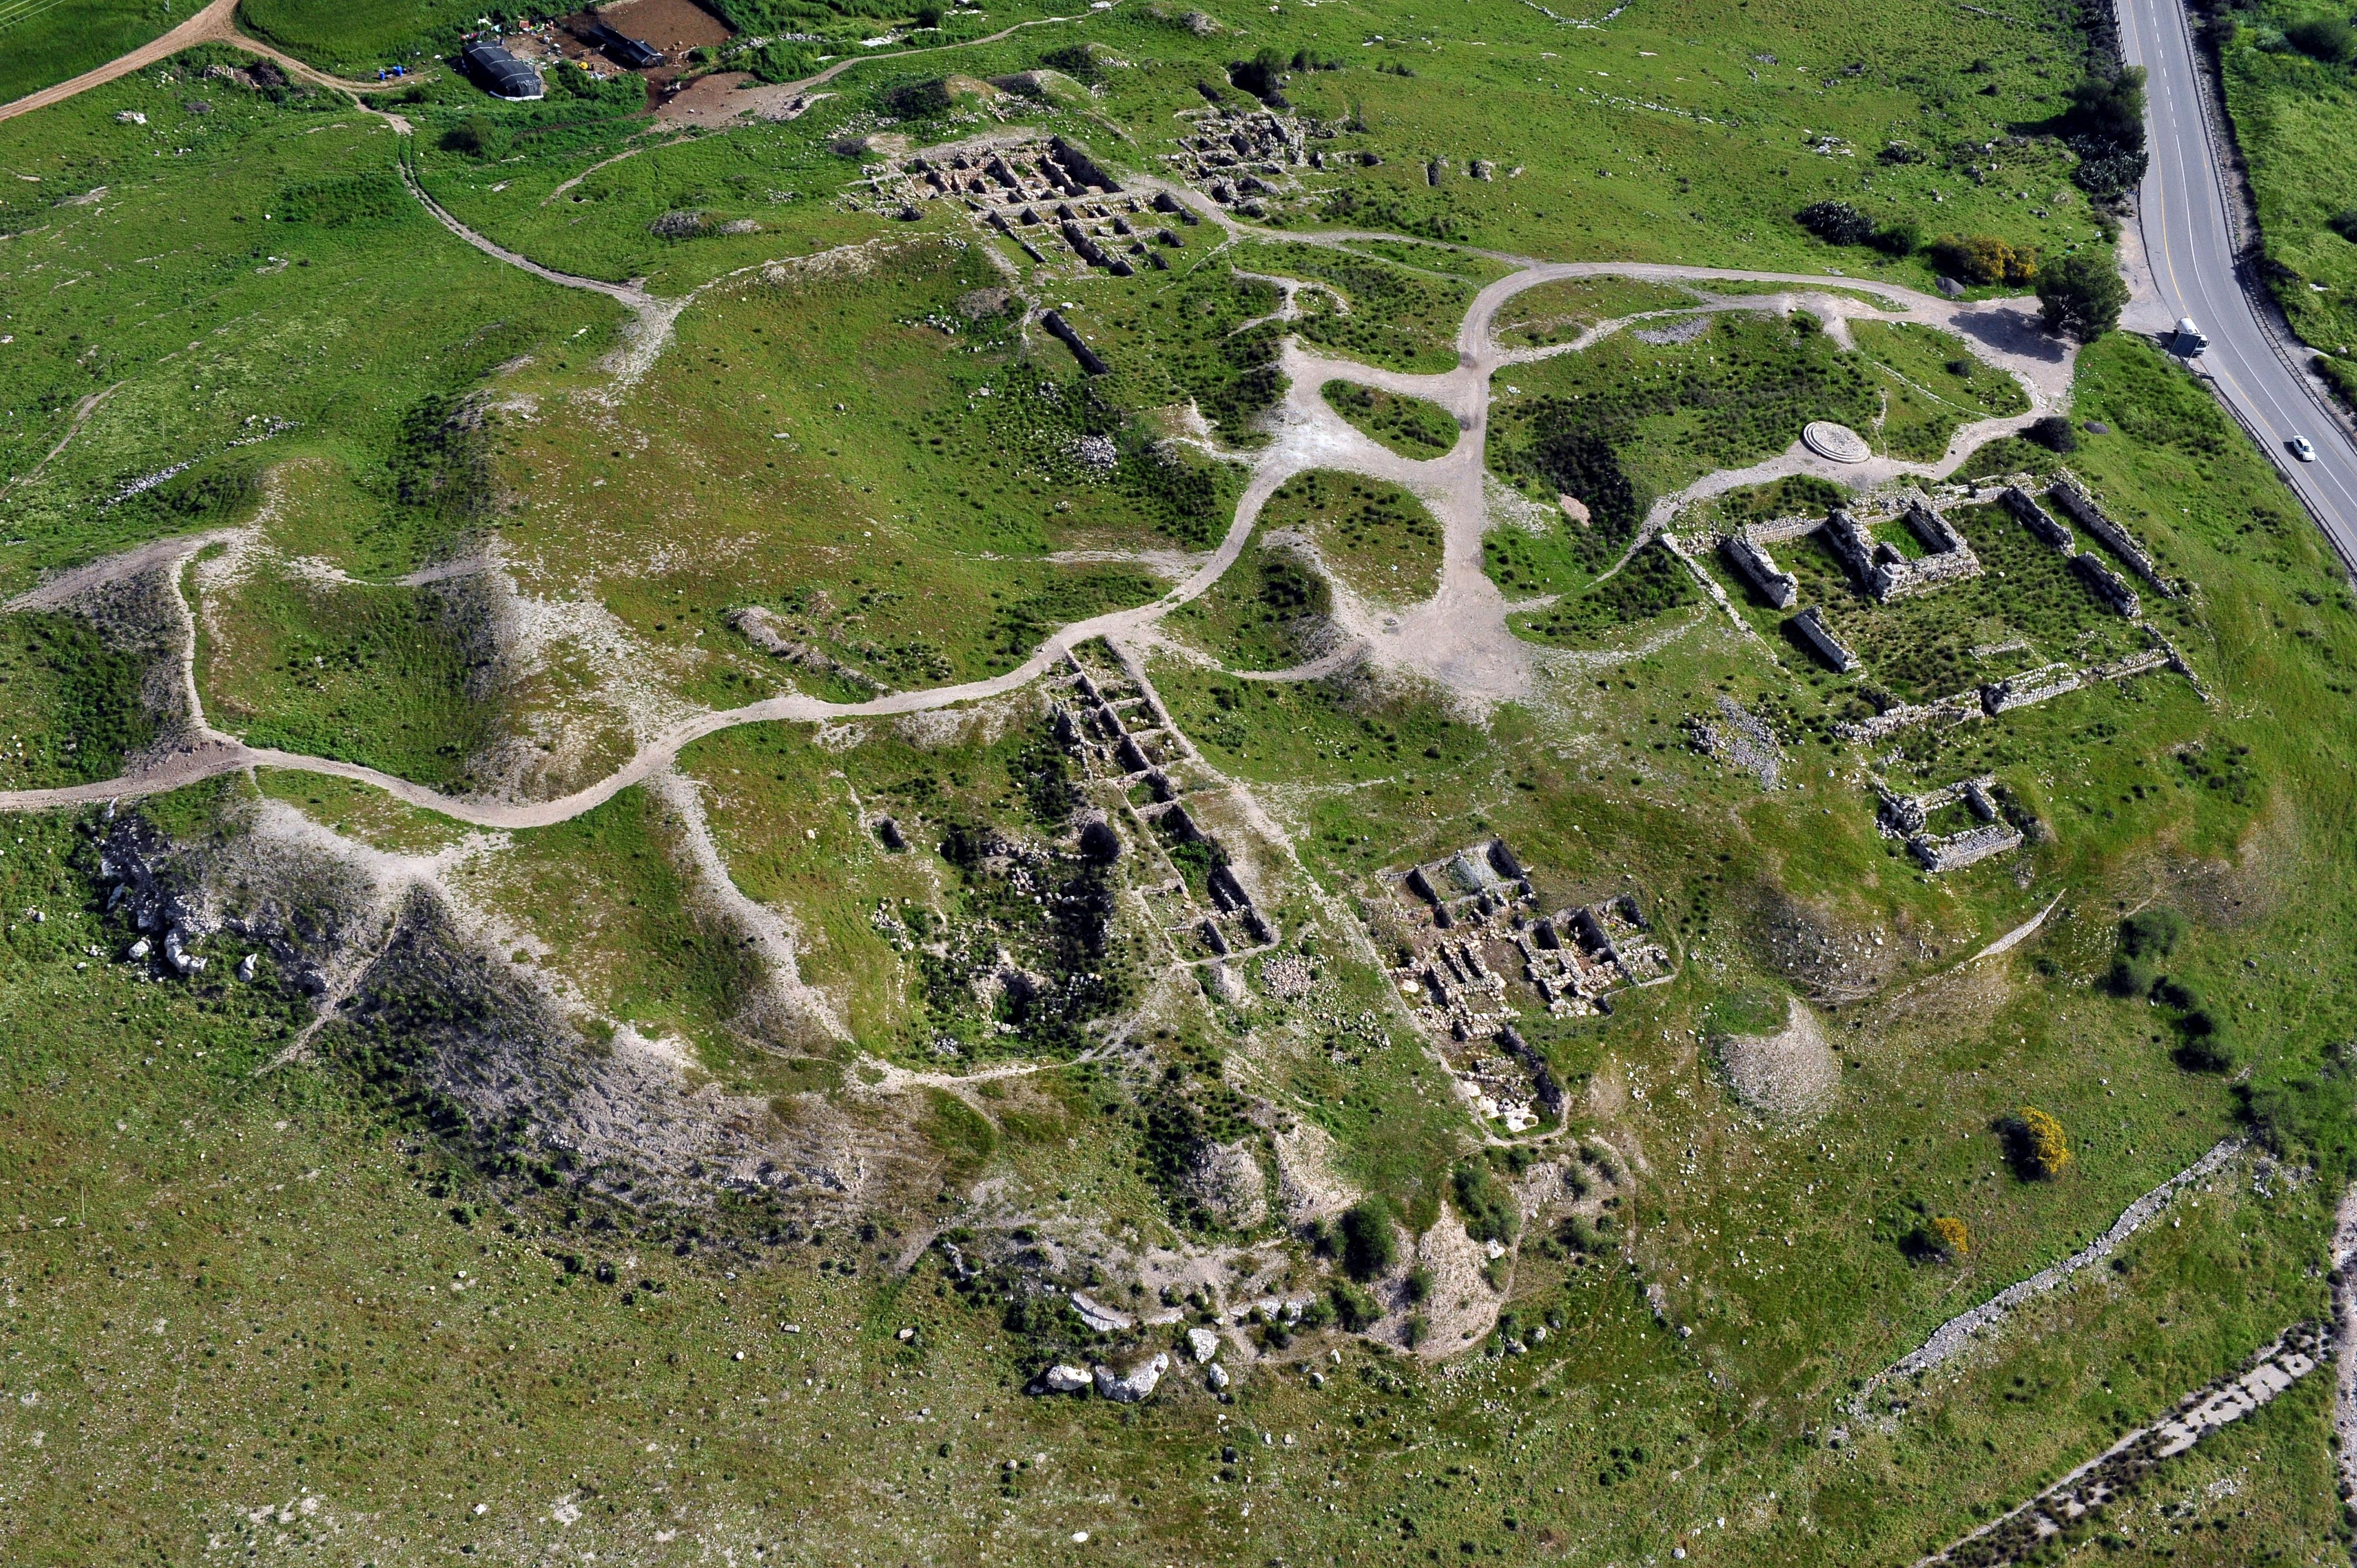 Odata cu drumul roman, a fost descoperita si o moneda a prefectului roman al Iudeii, Pontius Pilat. Vezi amanunte despre noua descoperire.